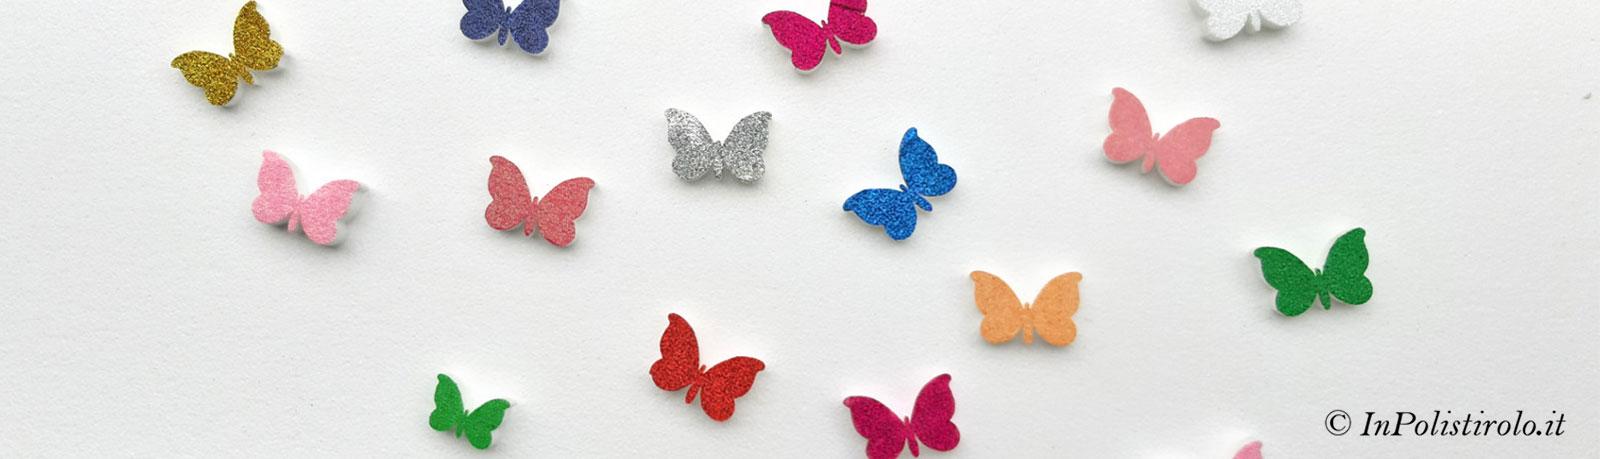 farfalle 3d decorazione inpolistirolo